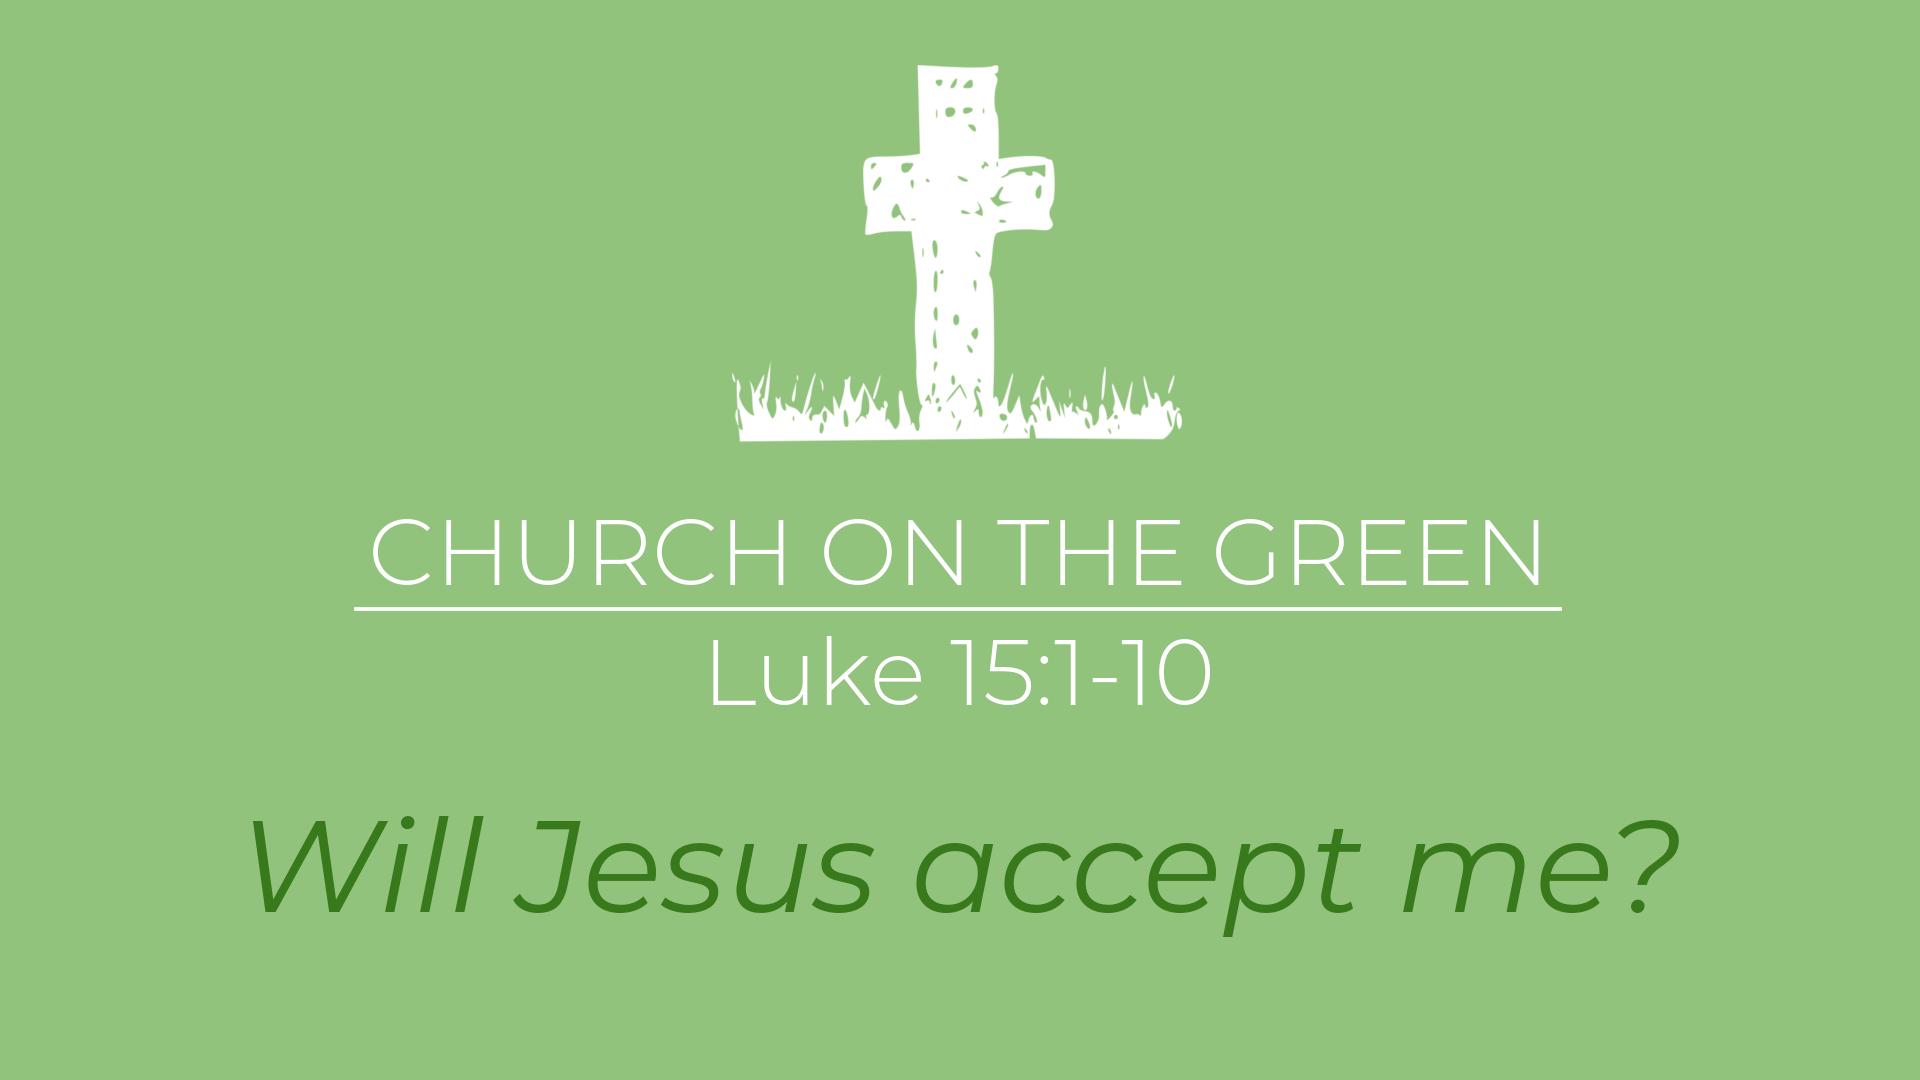 LUKE 15:1-10 : WILL JESUS ACCEPT ME?